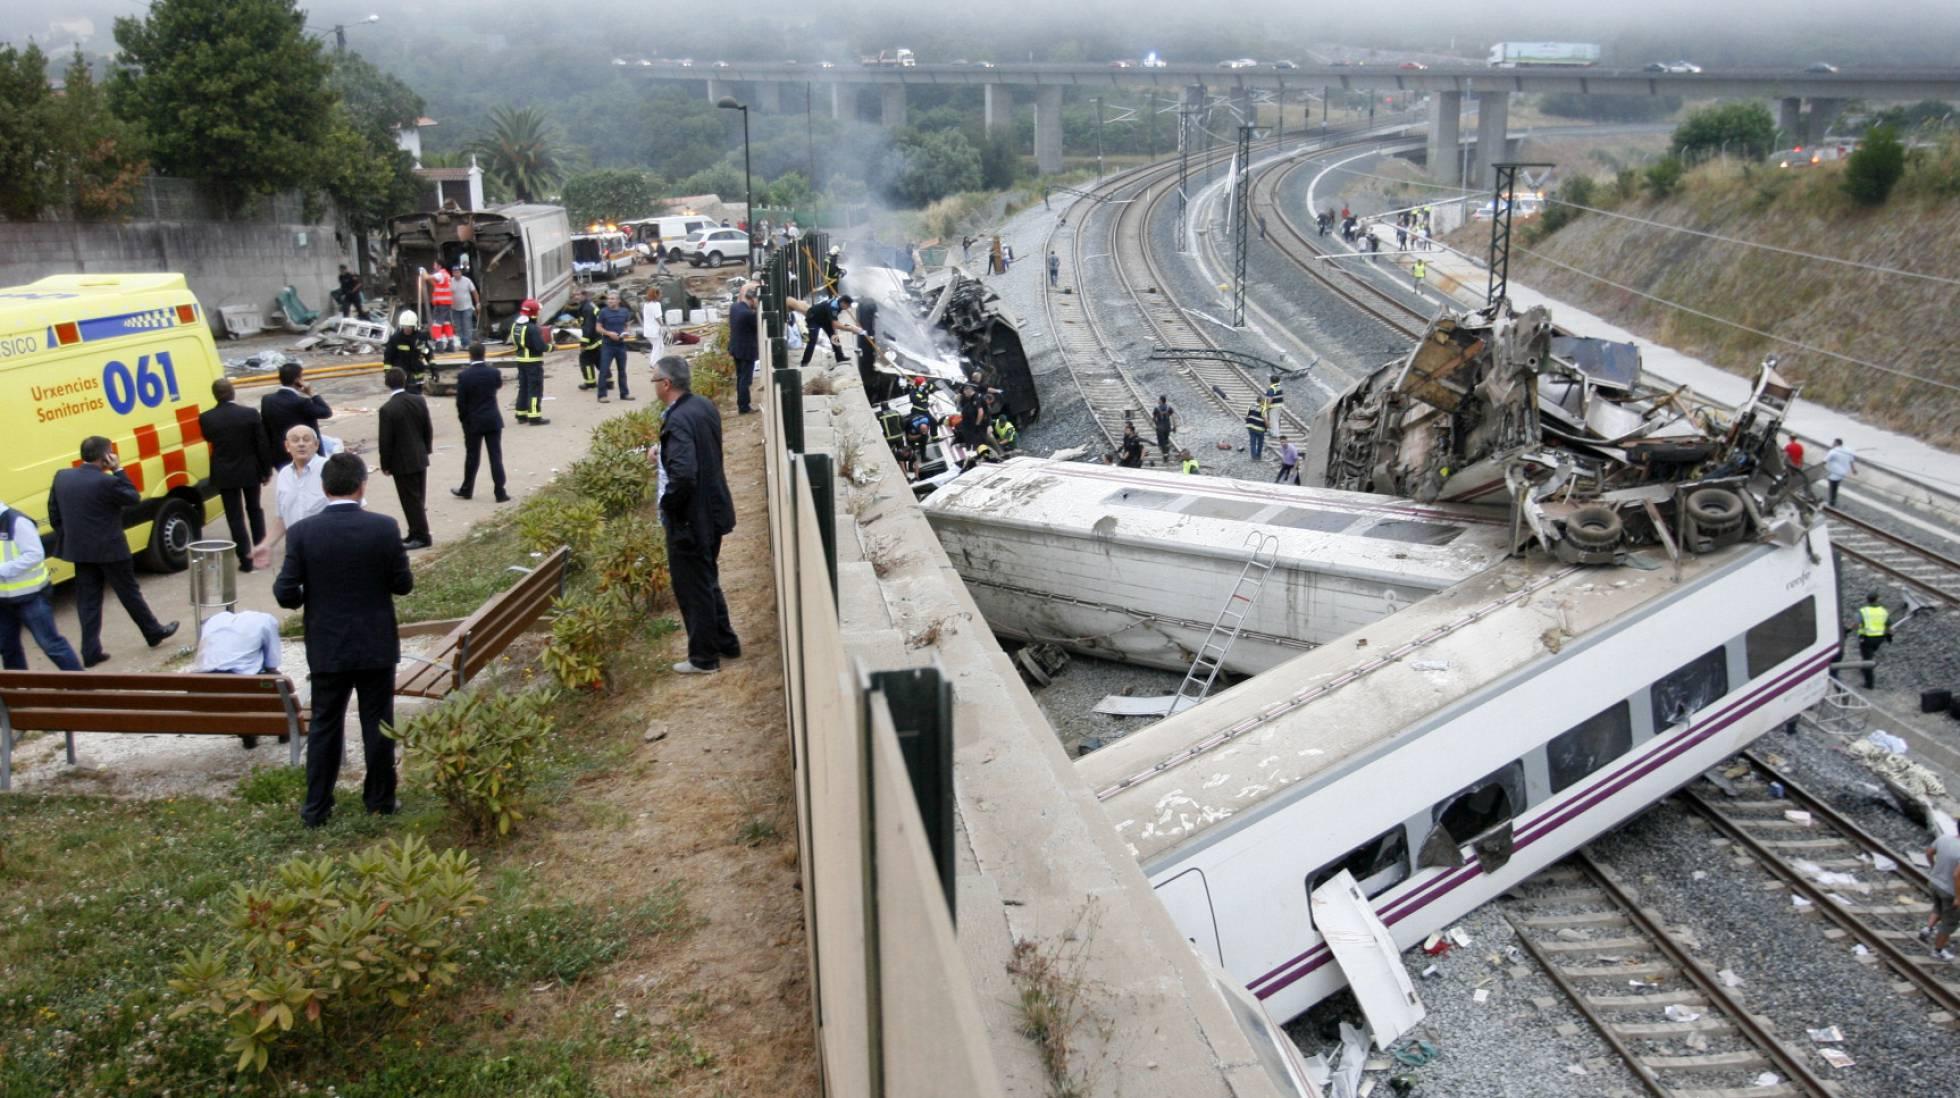 Descarrilamiento del tren Alvia a la altura del barrio de Angrois (Santiago de Compostela) que costó la vida a 79 personas.